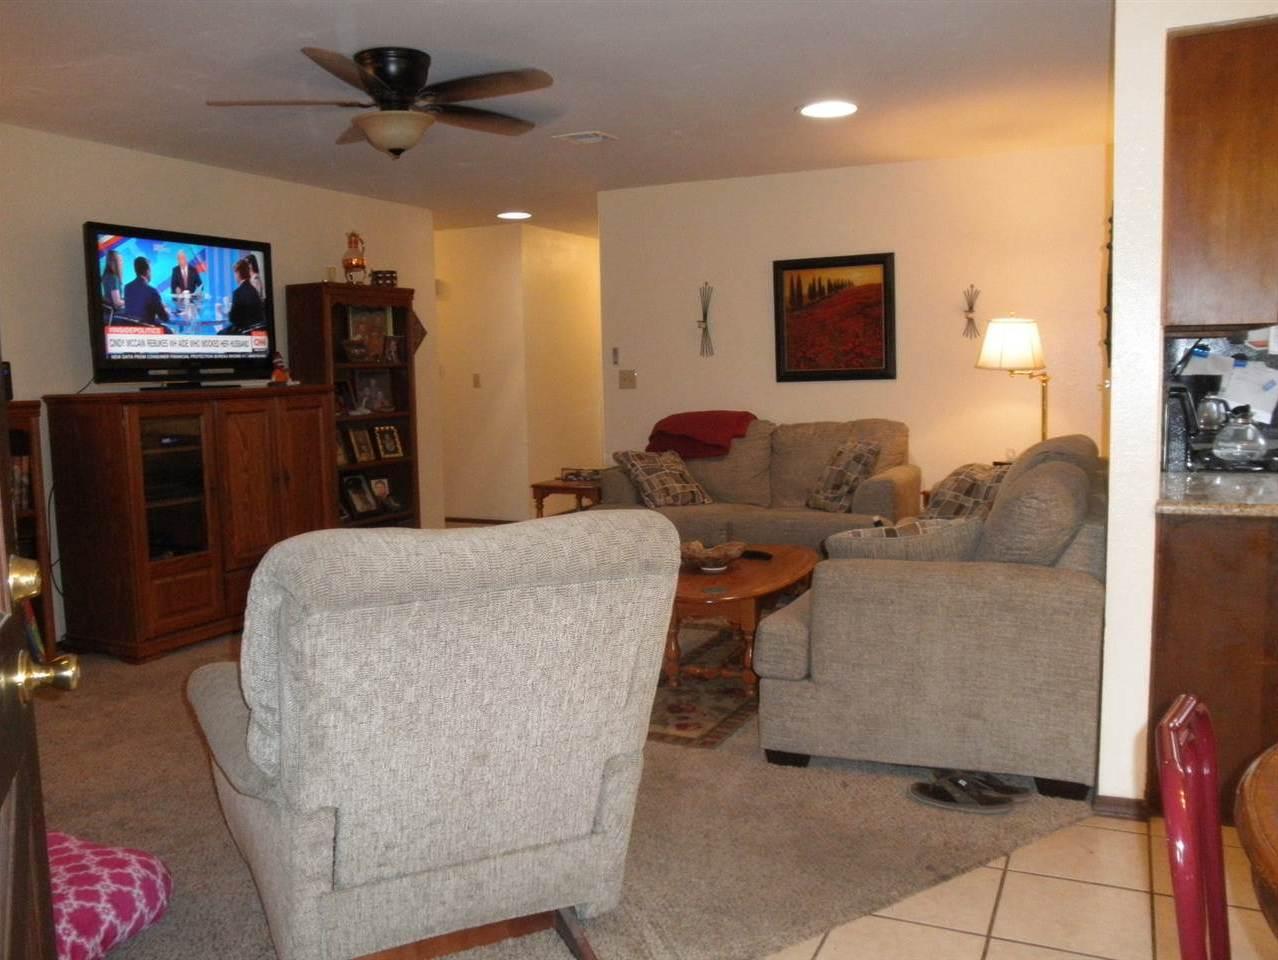 Sold Intraoffice W/MLS | 3401 El Camino  Ponca City, OK 74604 4